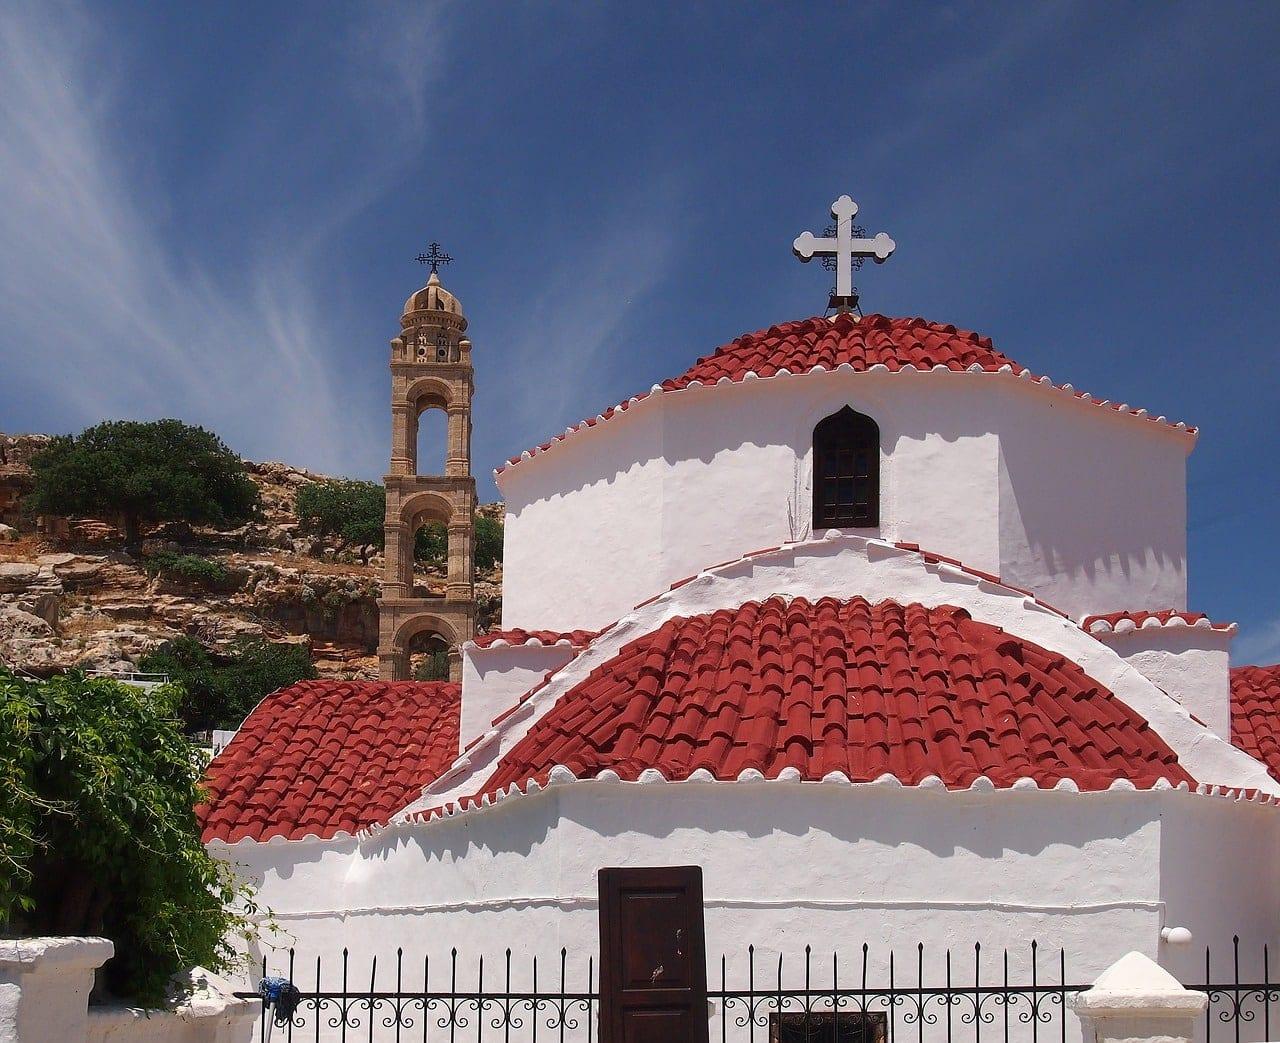 Γιορτή σήμερα 26 Μαϊου Ποιοι γιορτάζουν σύμφωνα με το Εορτολόγιο - Η πρόγνωση της ΕΜΥ - Άστατος Καιρός με βροχές σε Αθήνα - Θεσσαλονίκη - Ελλάδα